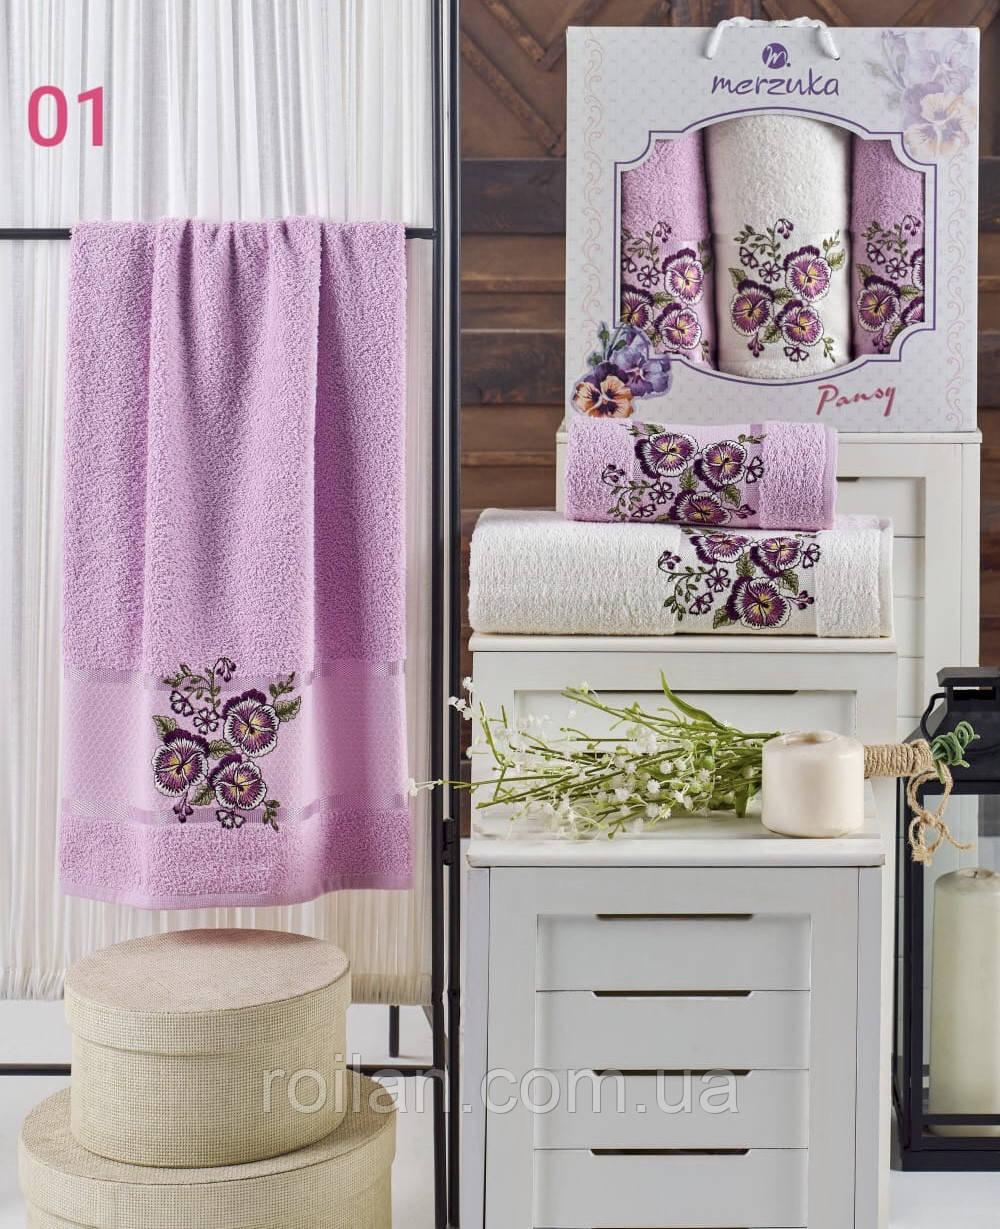 Набор полотенец Pansy3ка